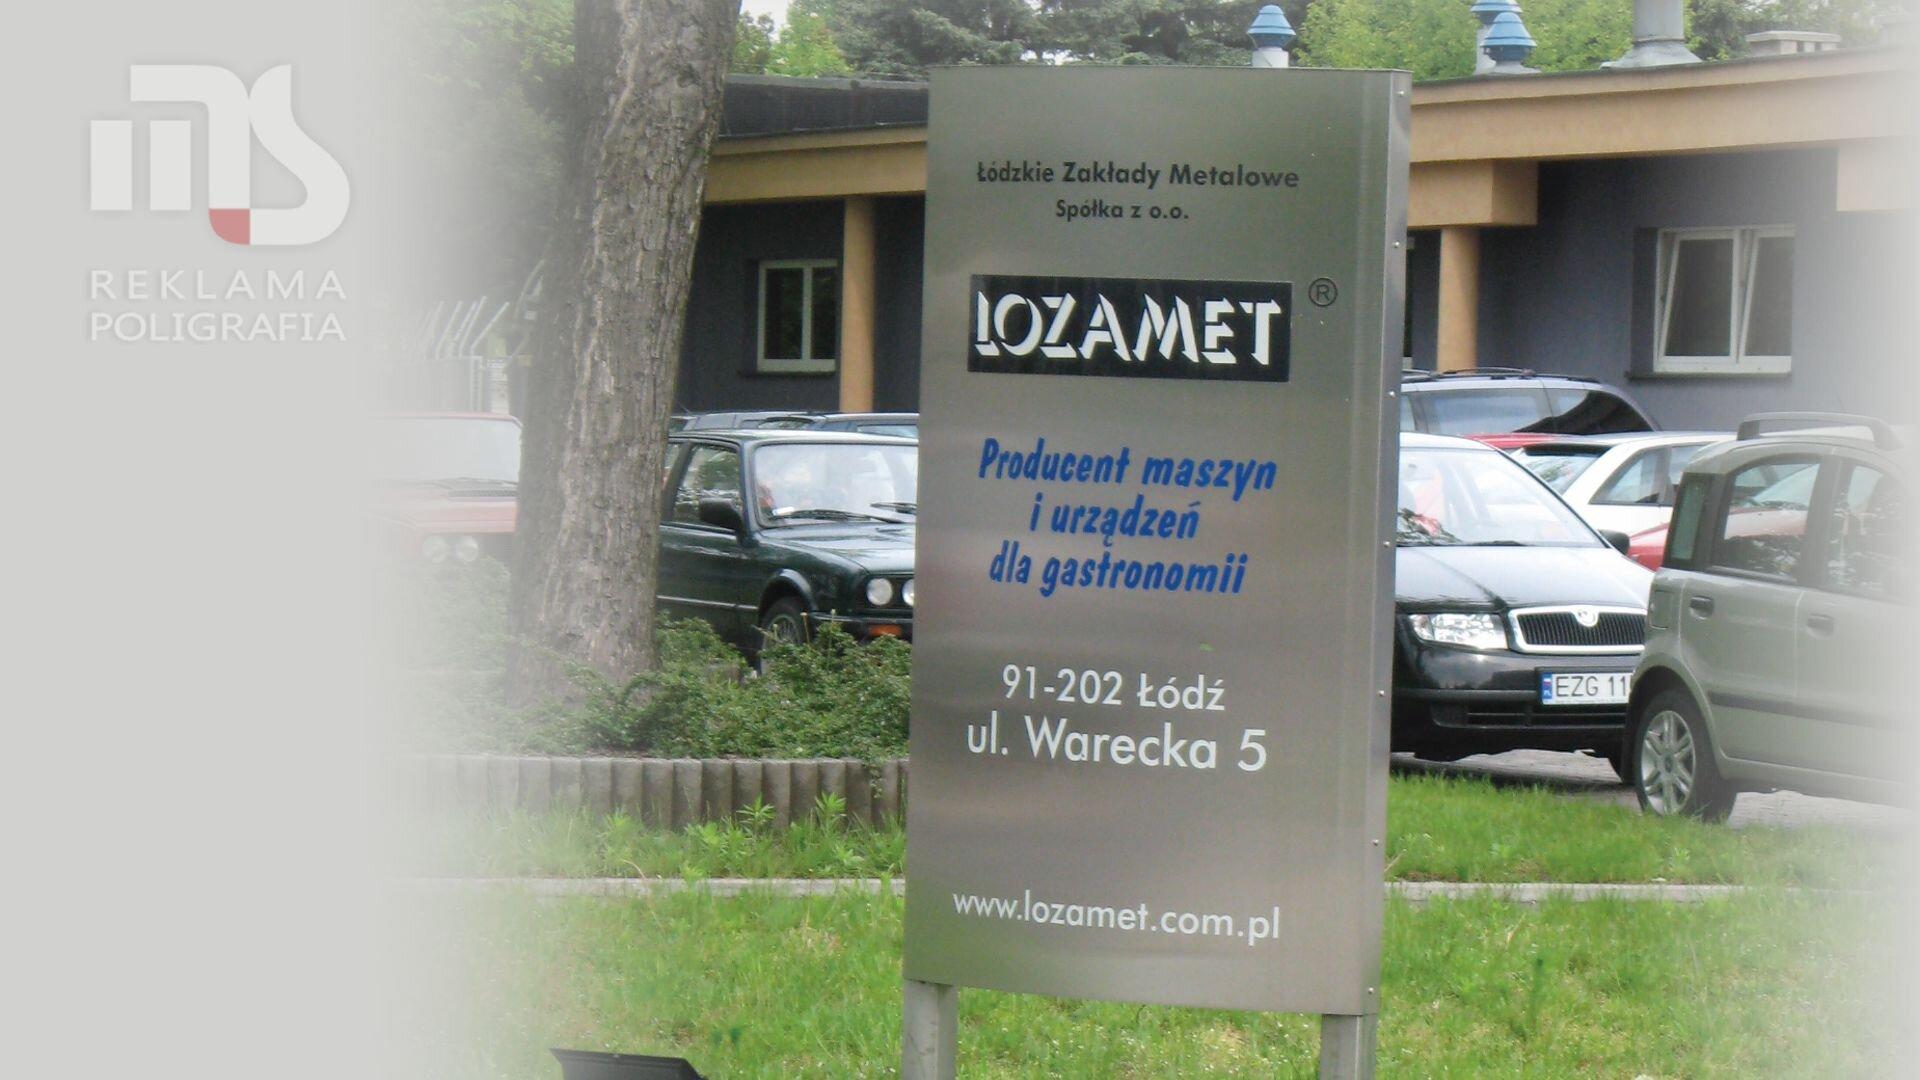 2021 20 reklama przestrzenna. -1920x1080 px-Lozamet